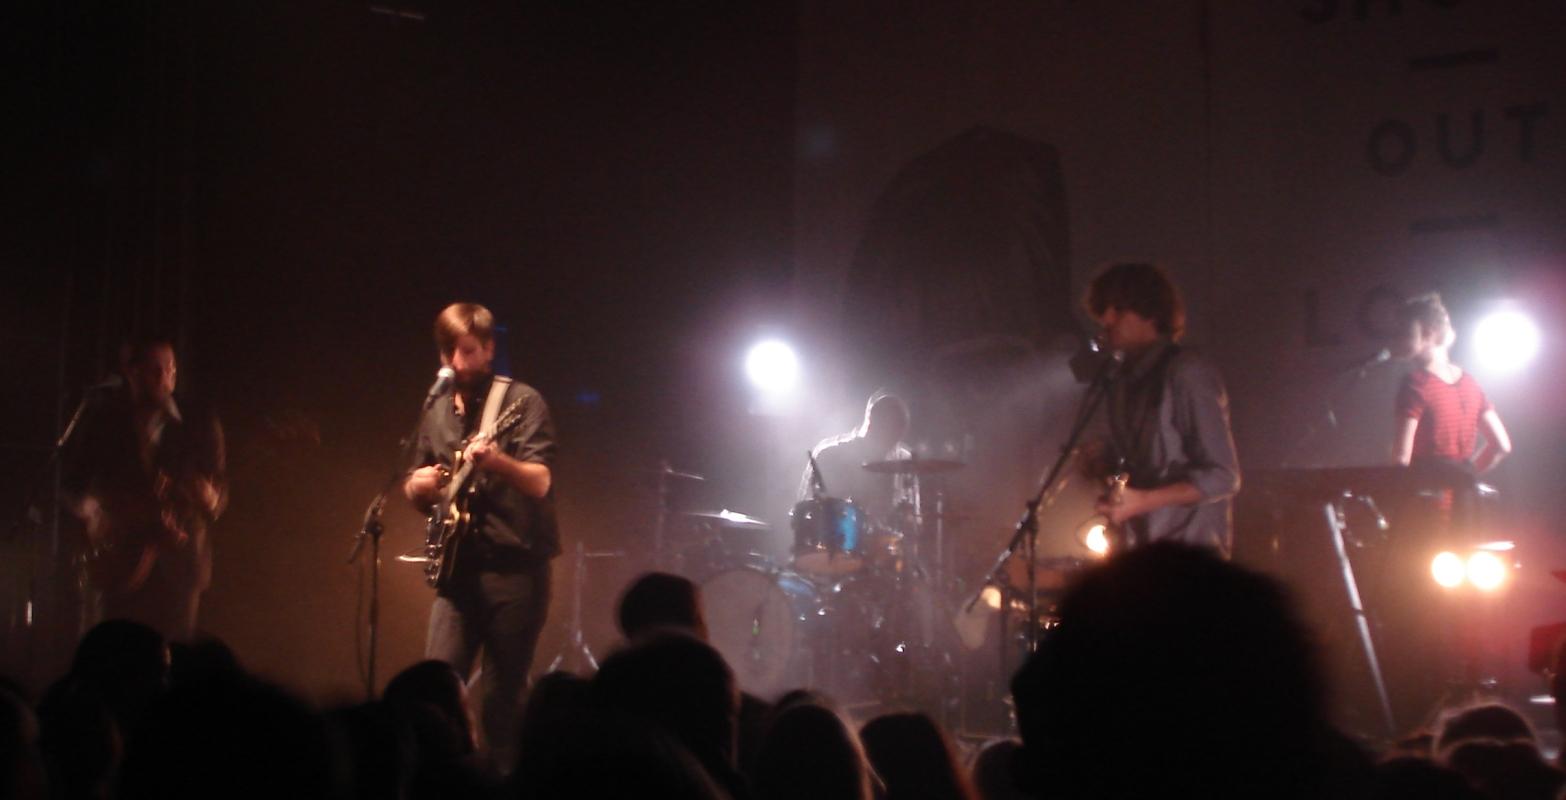 Wie zuvor schon Dag För Dag, so hatten auch die Shout Out Louds in Halle viel Lust auf Hall.